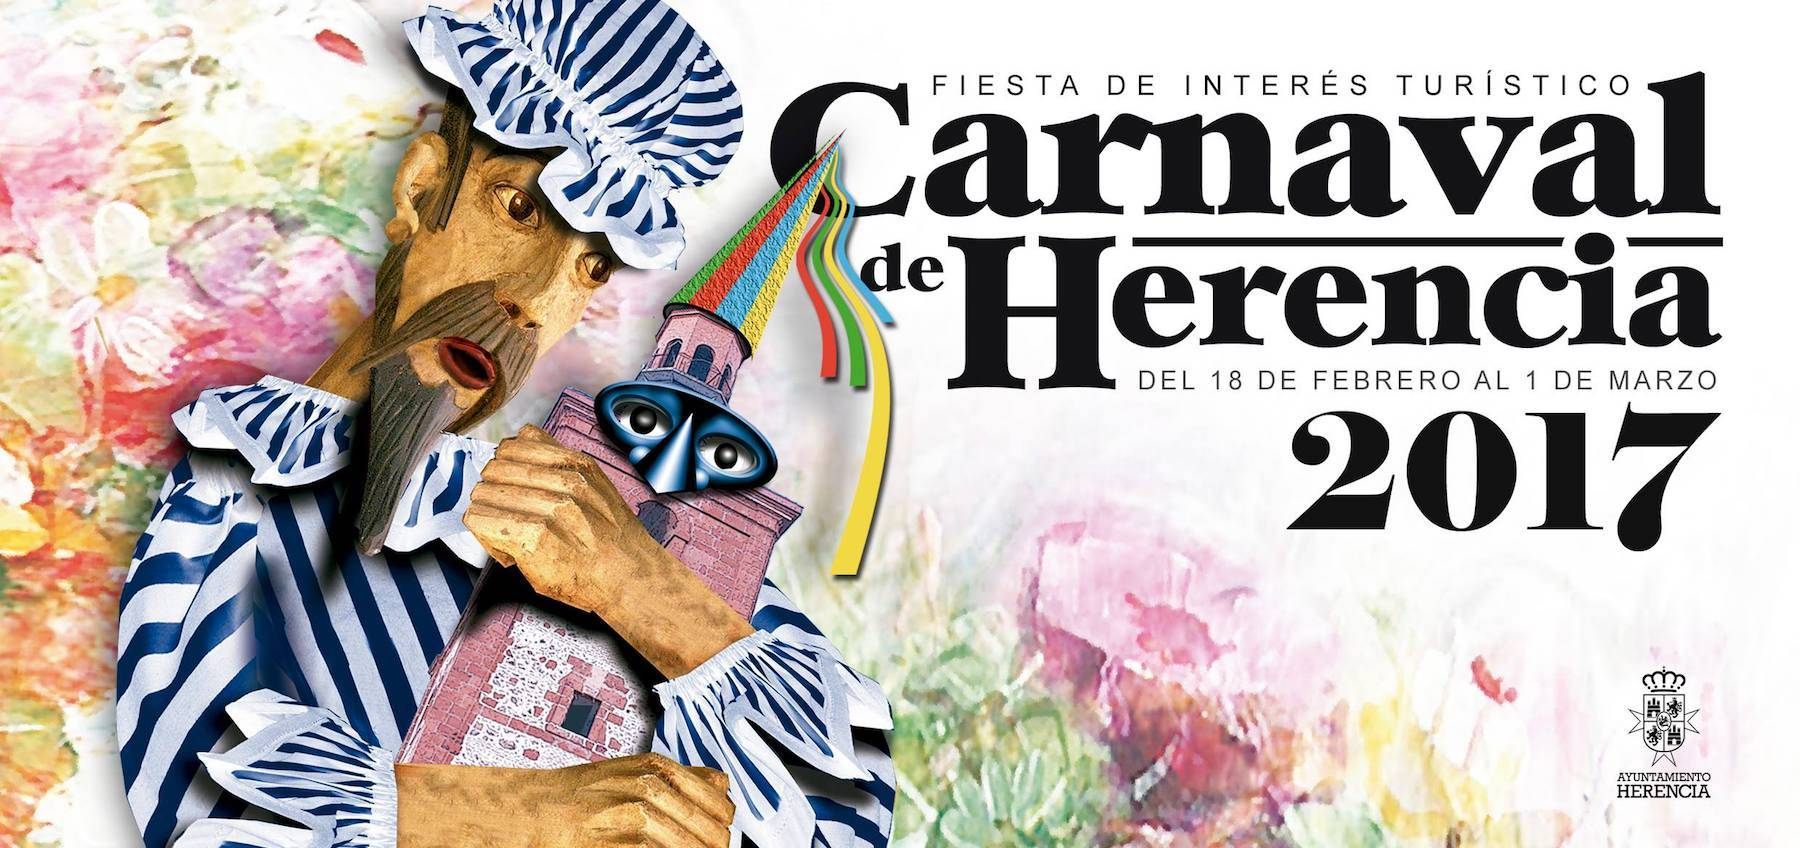 Programa de actos de Carnaval de Herencia 2017 1